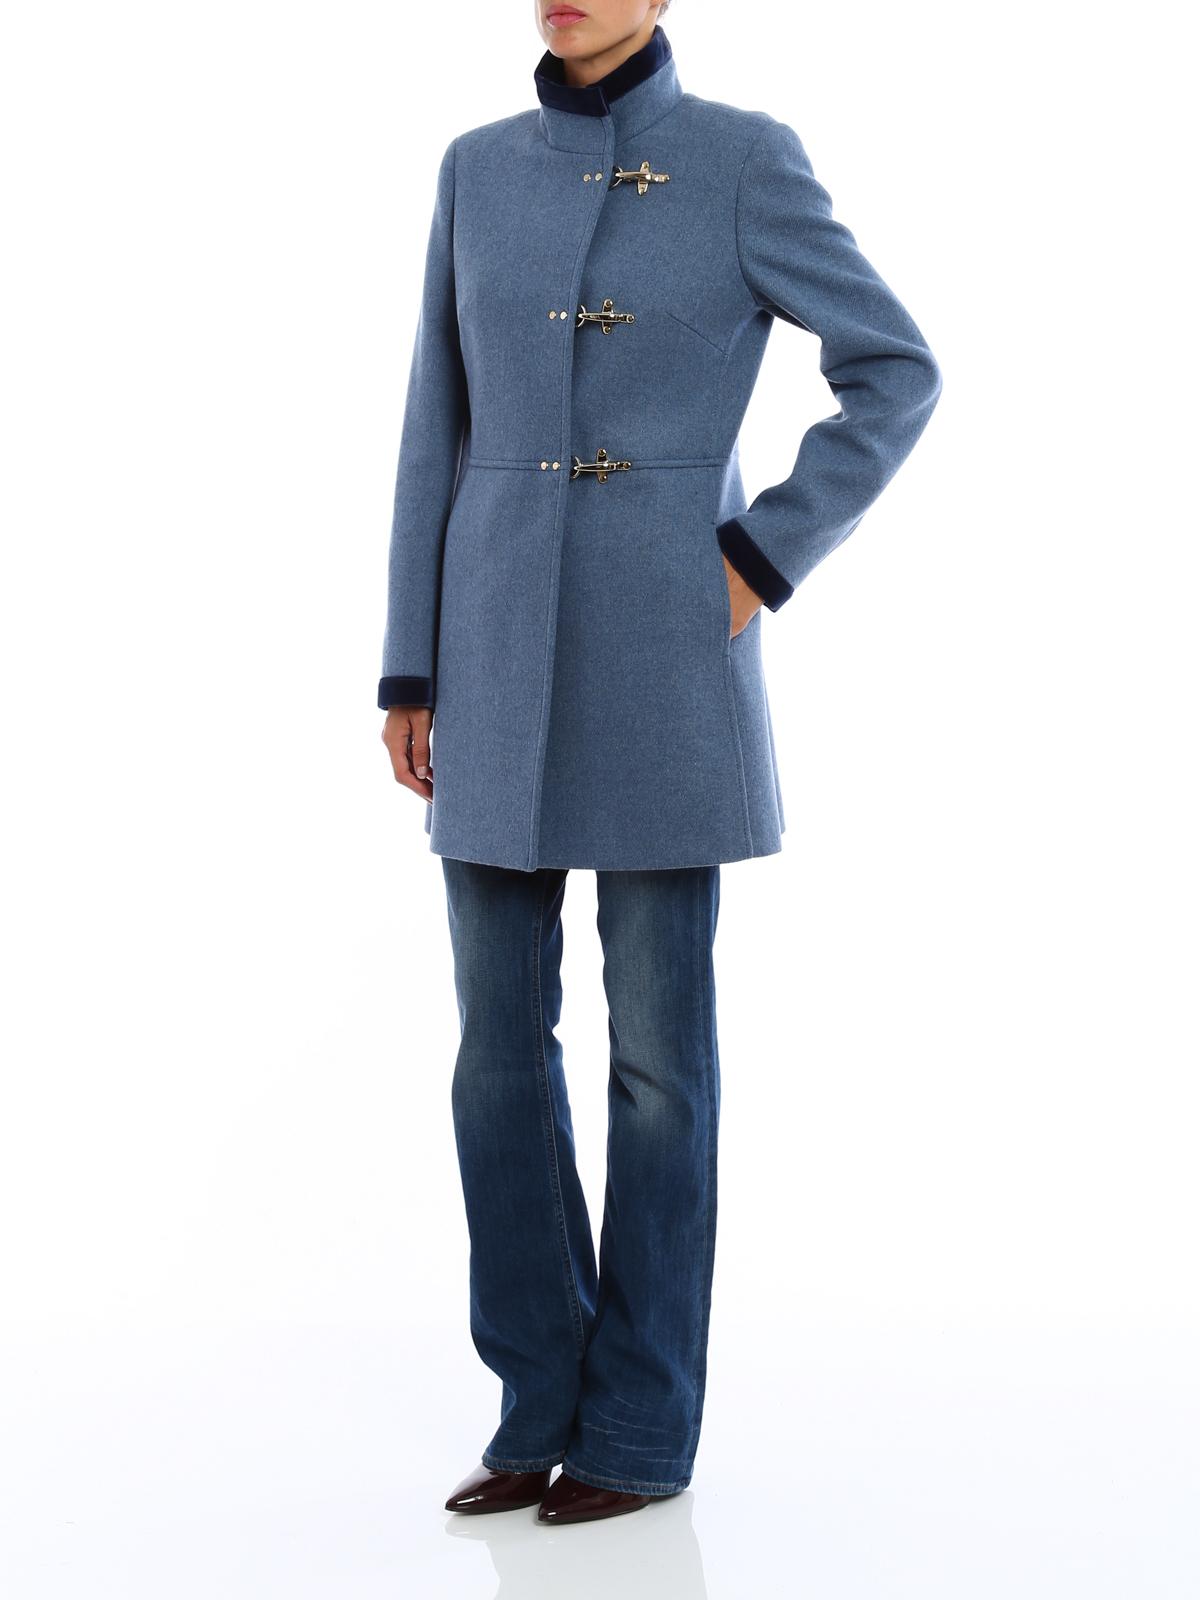 Virginia velvet trimmed coat by Fay